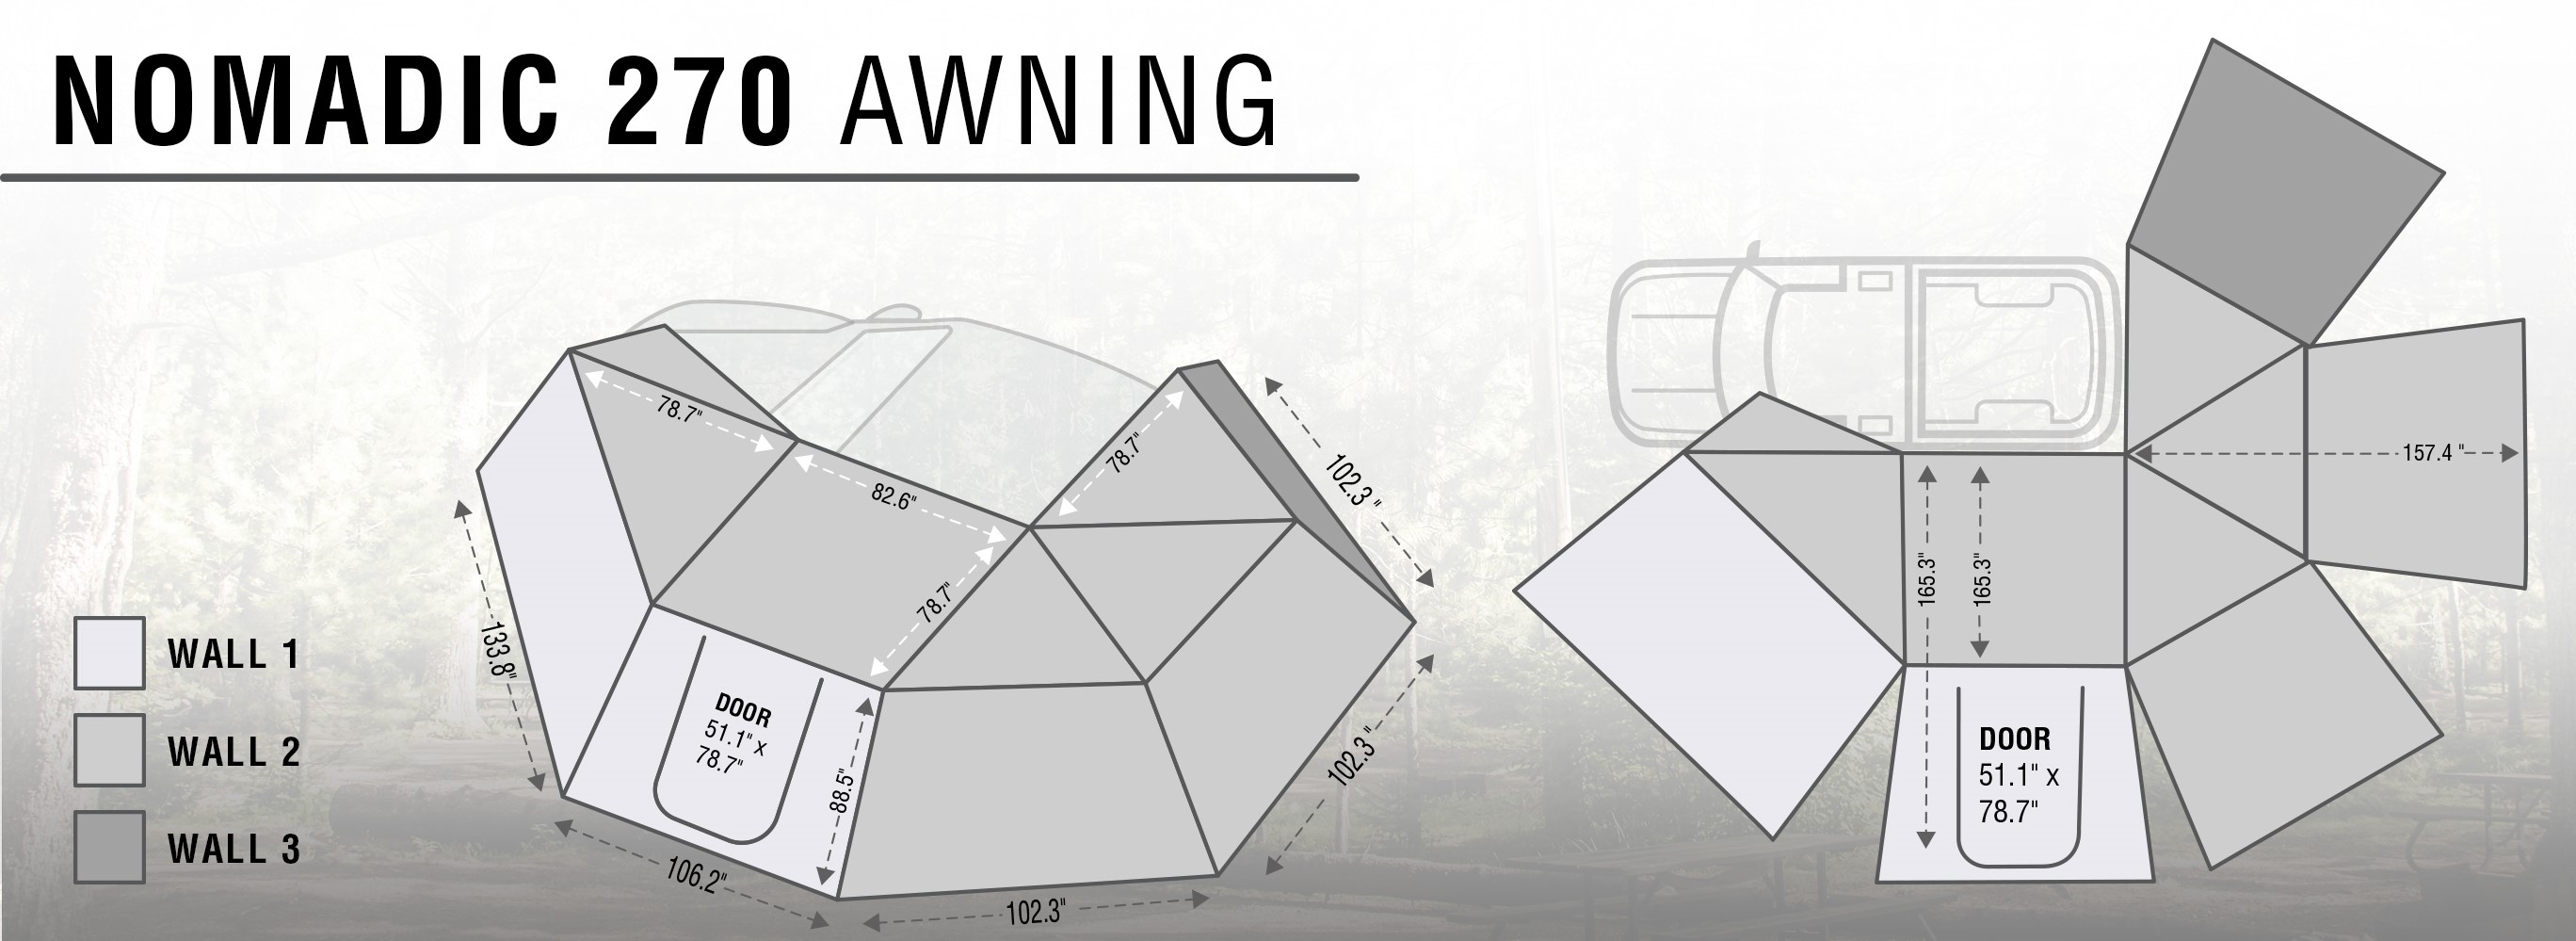 nomadic-270-awning-walls.jpg